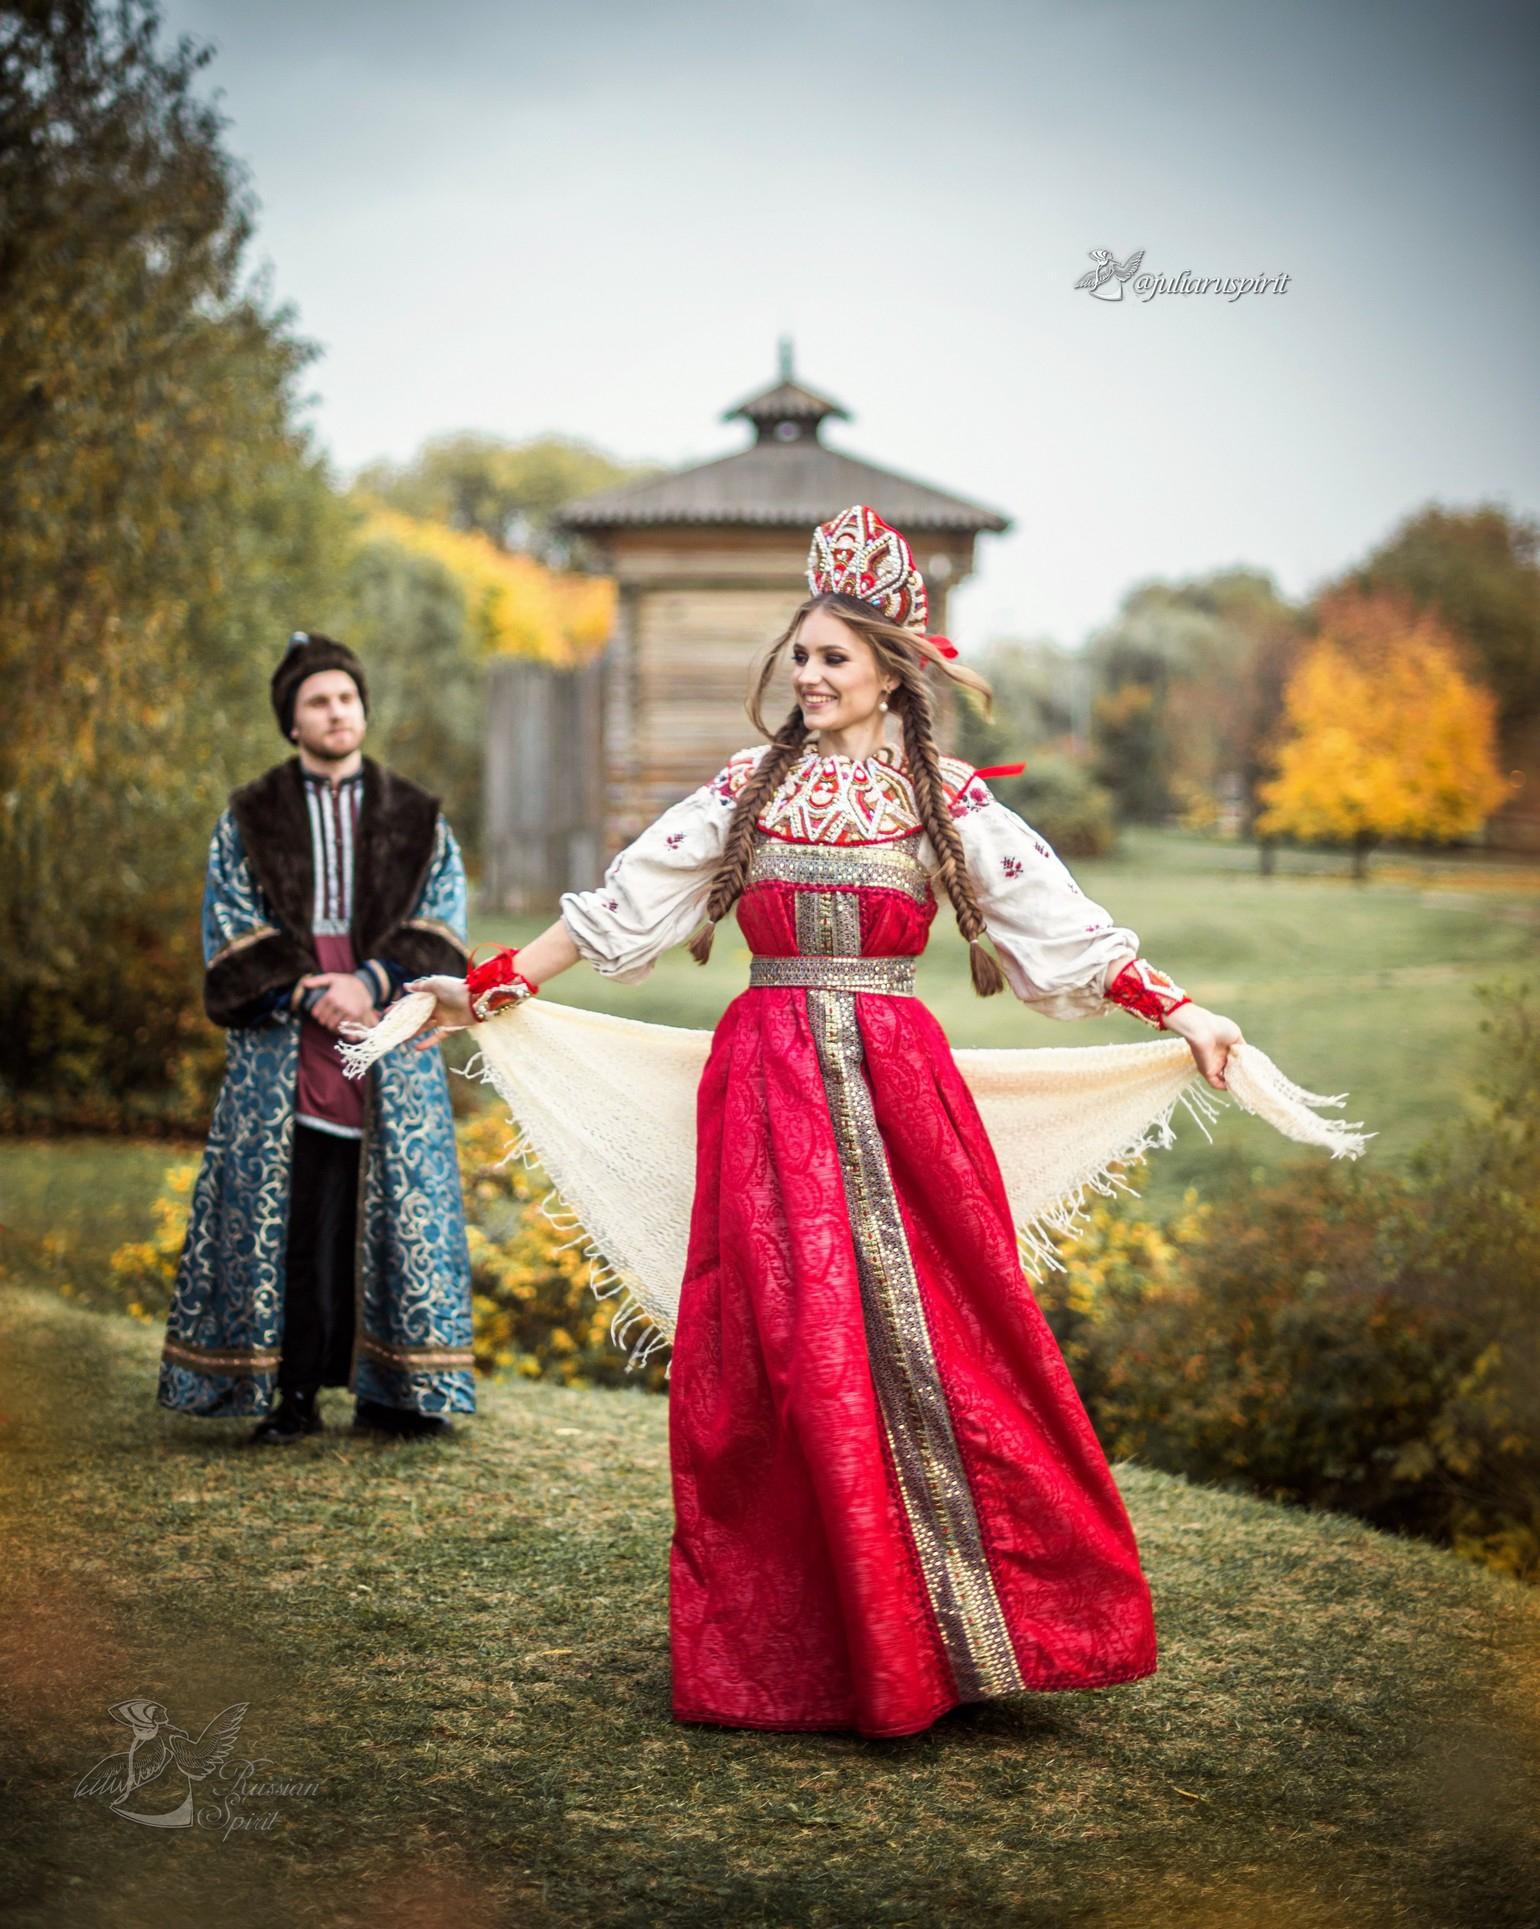 девушка на фоне деревянного кремля в русском стиле